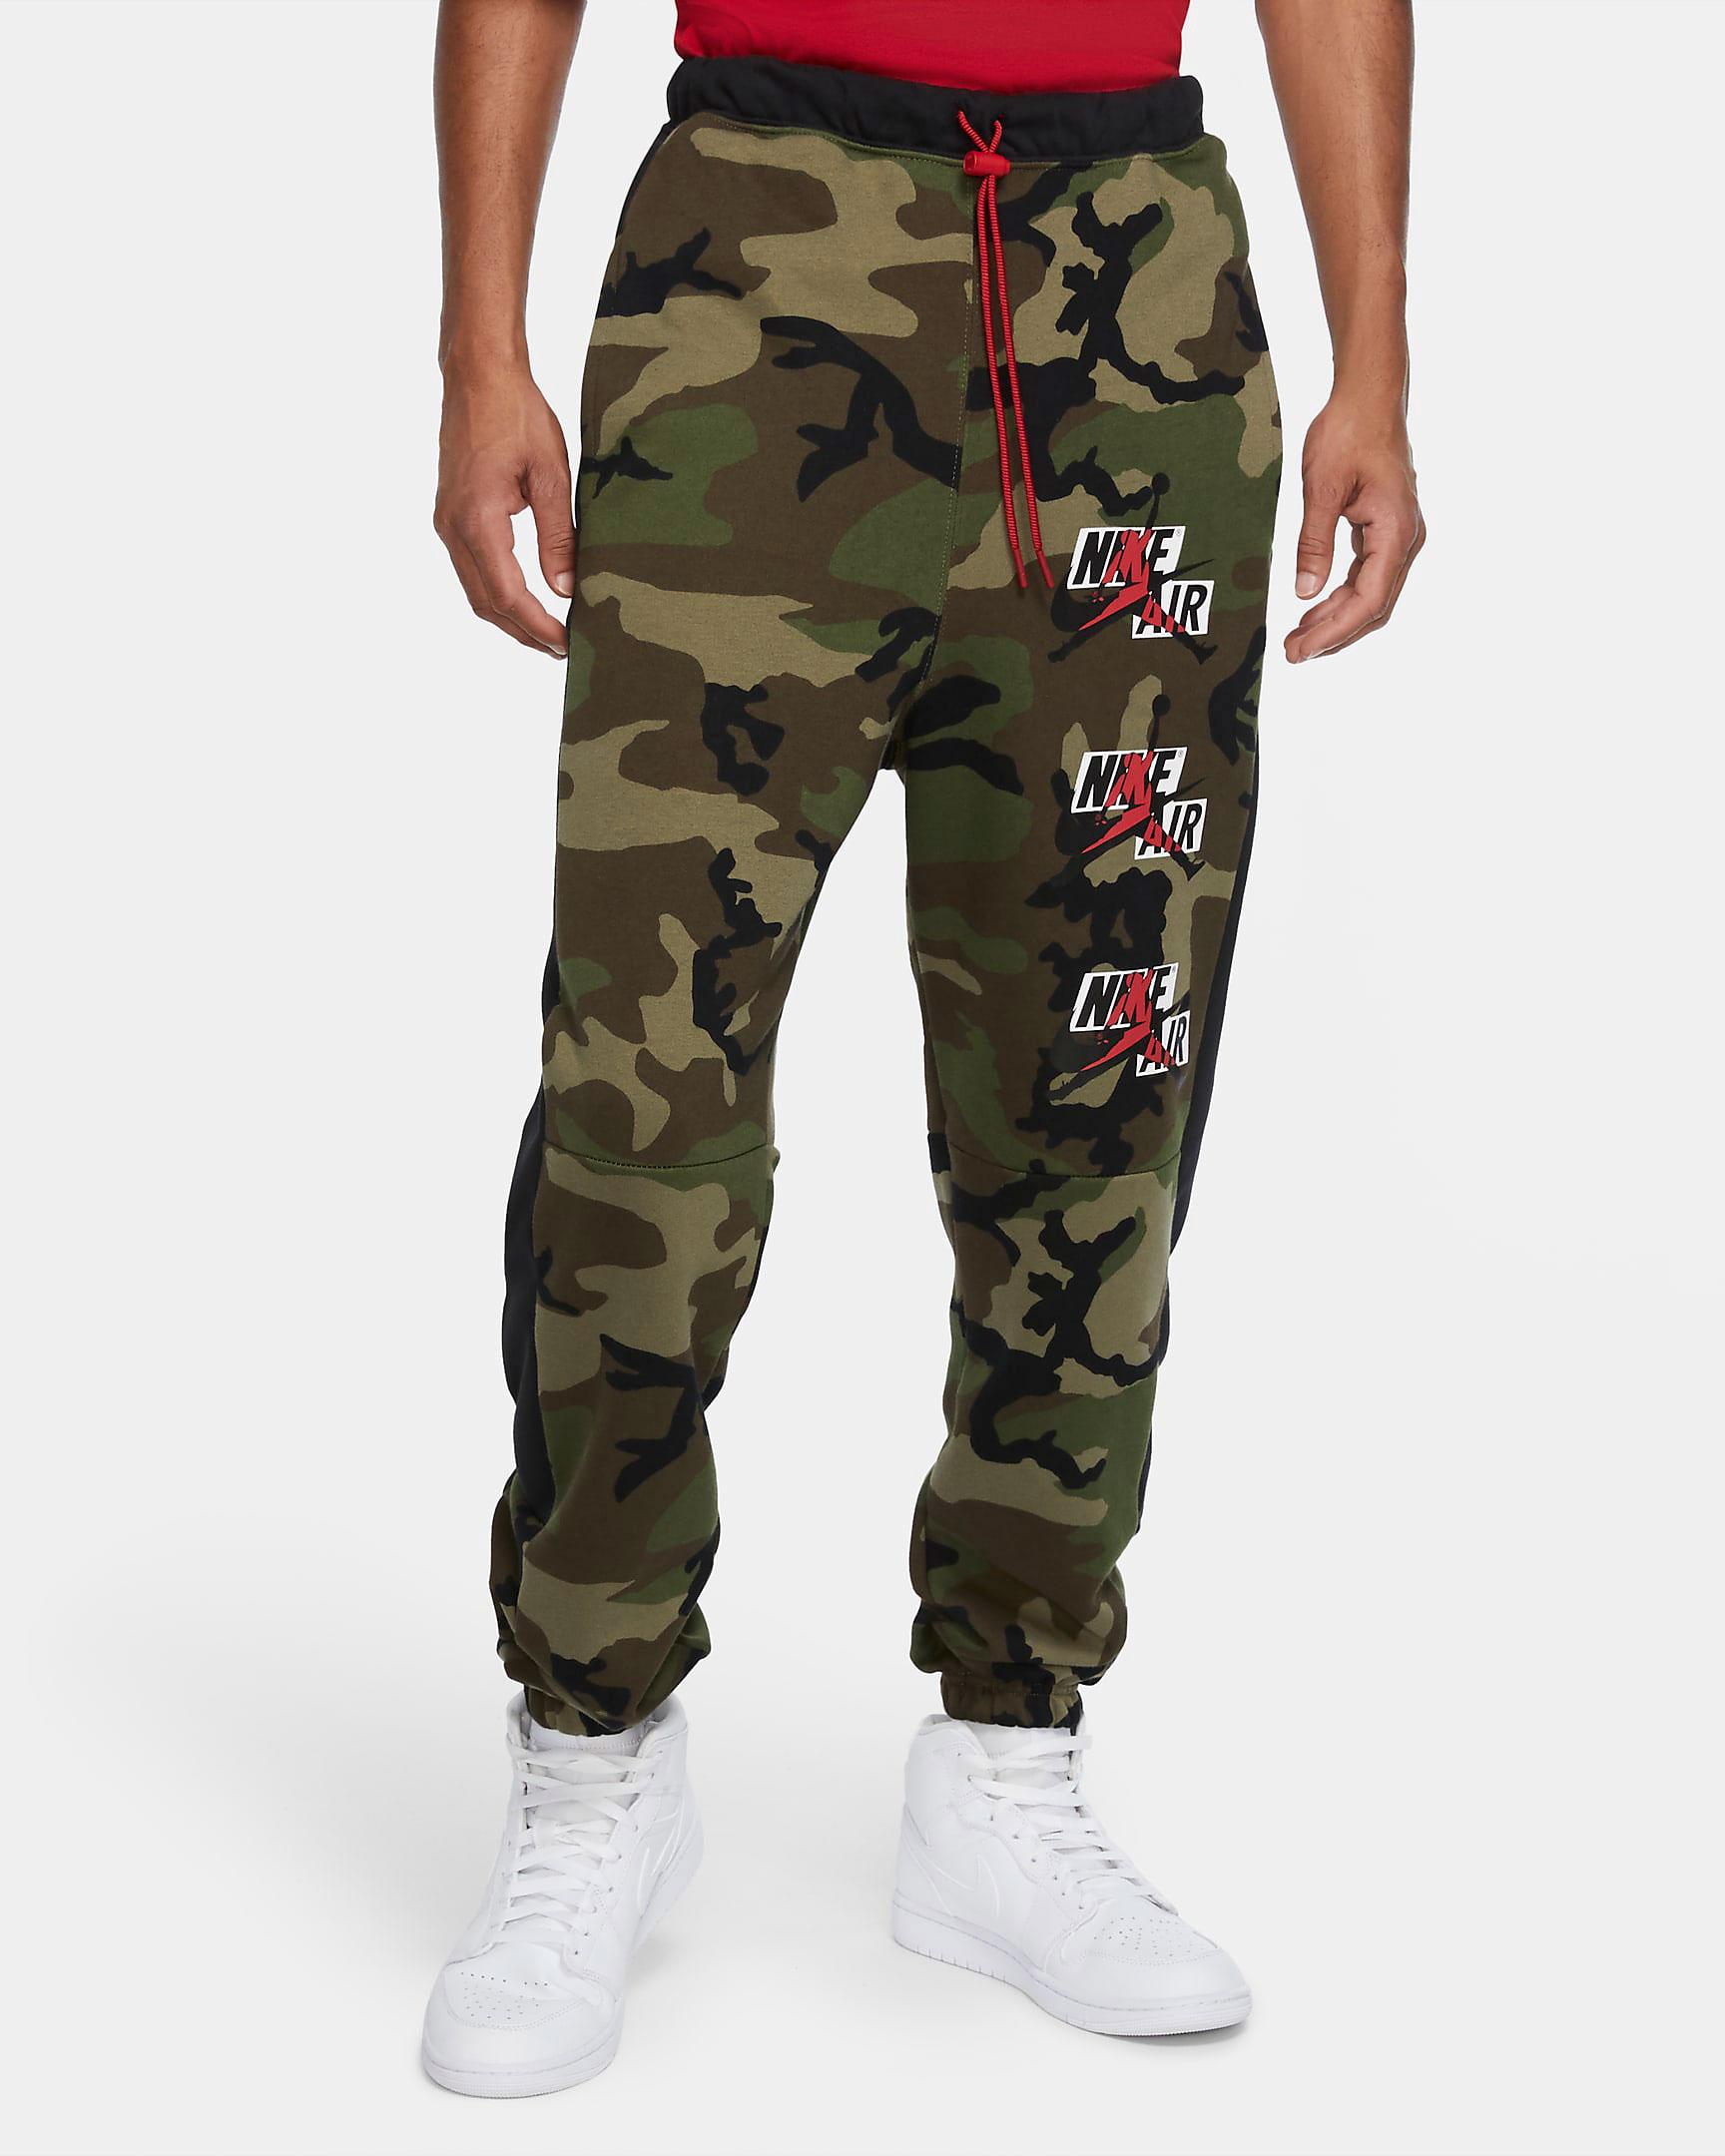 air-jordan-1-dark-mocha-pants-match